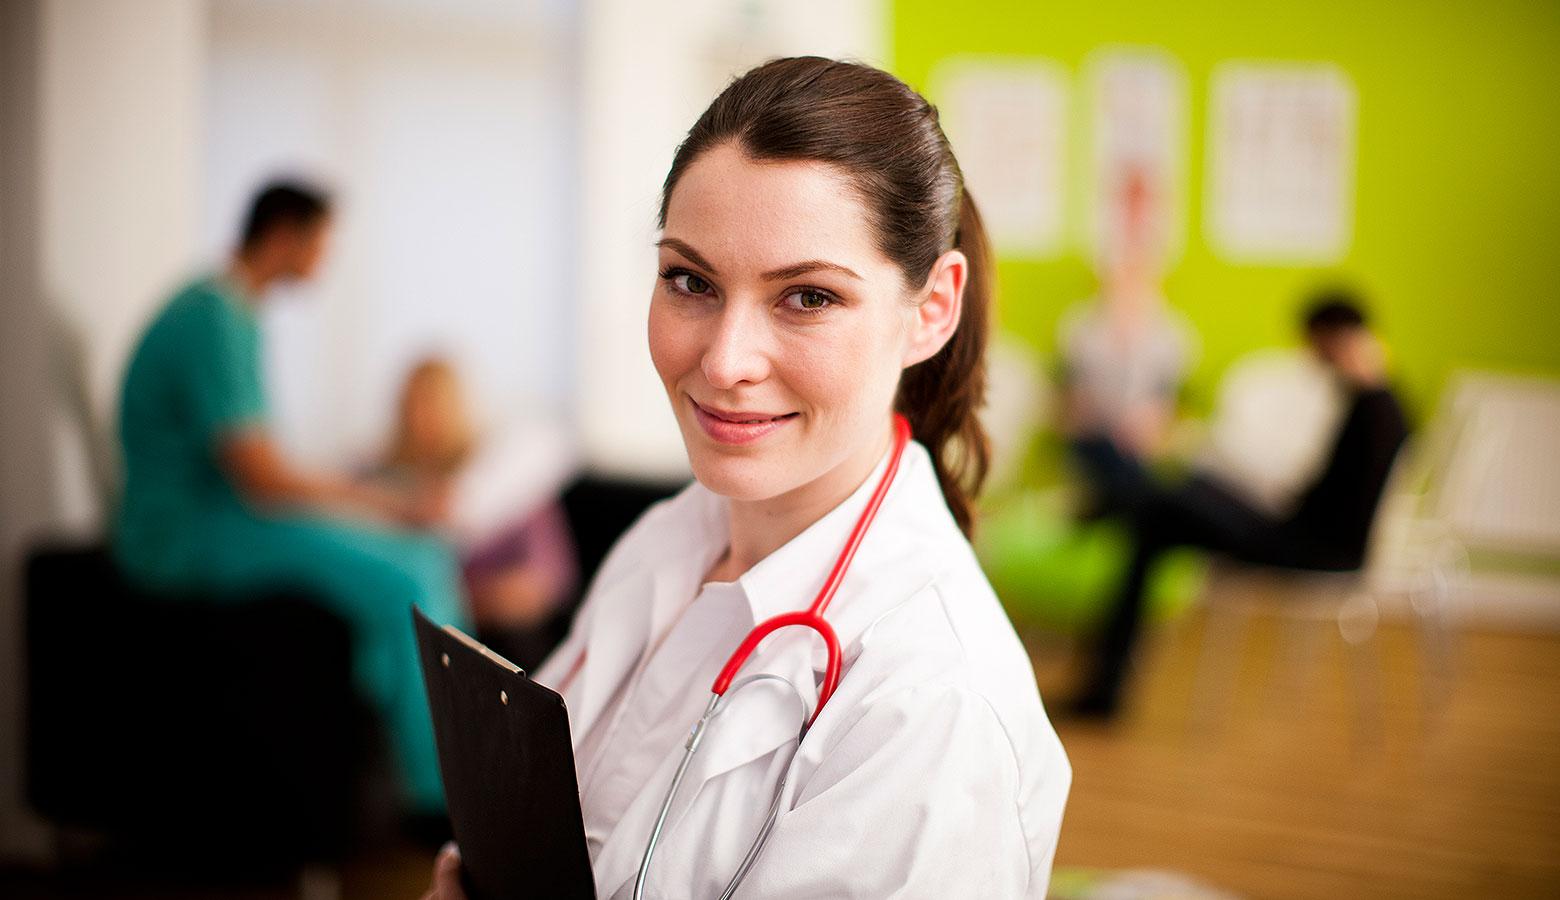 Ärztin bei Visite